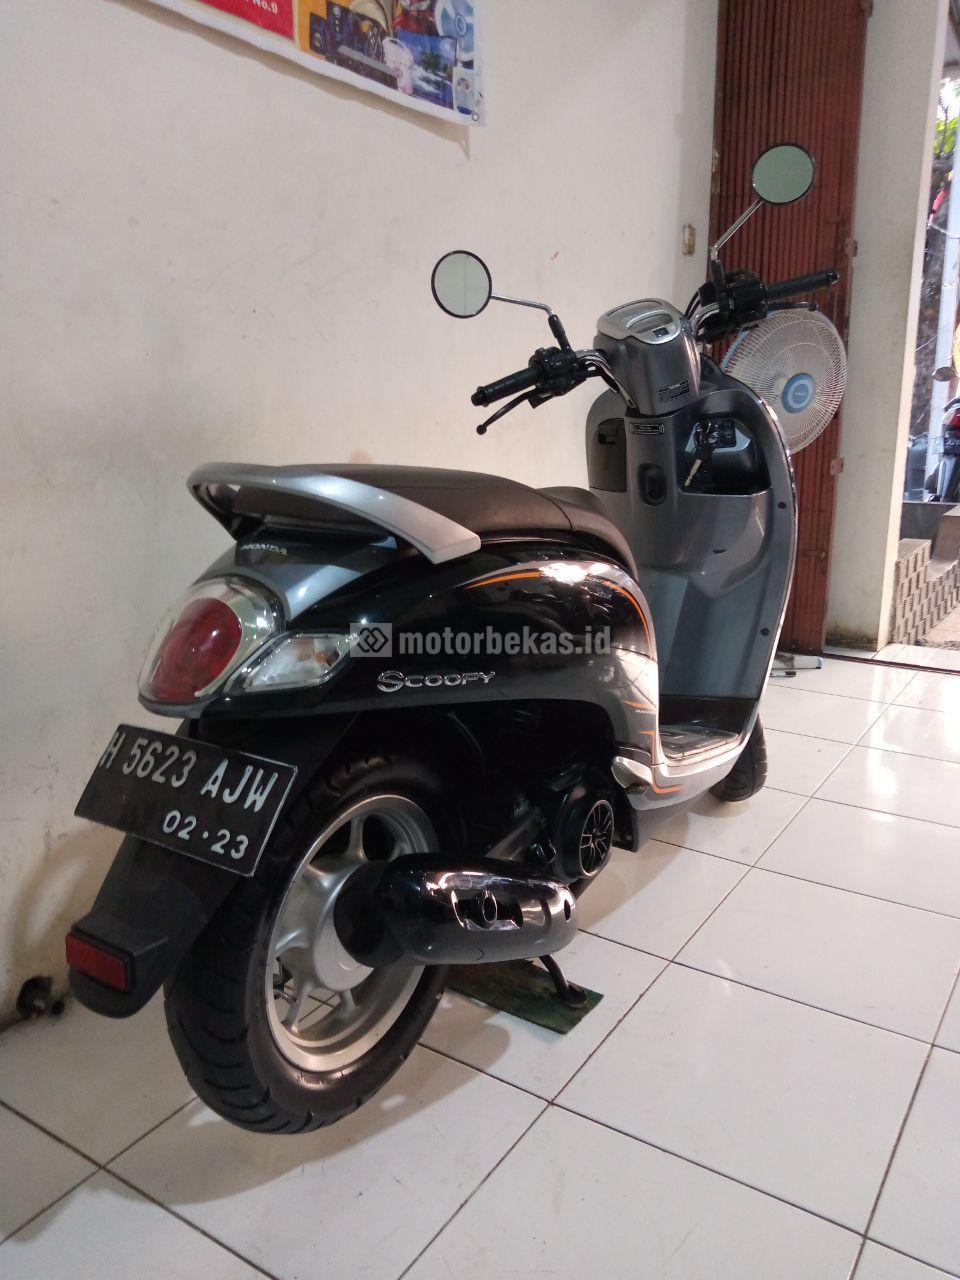 HONDA SCOOPY  3367 motorbekas.id